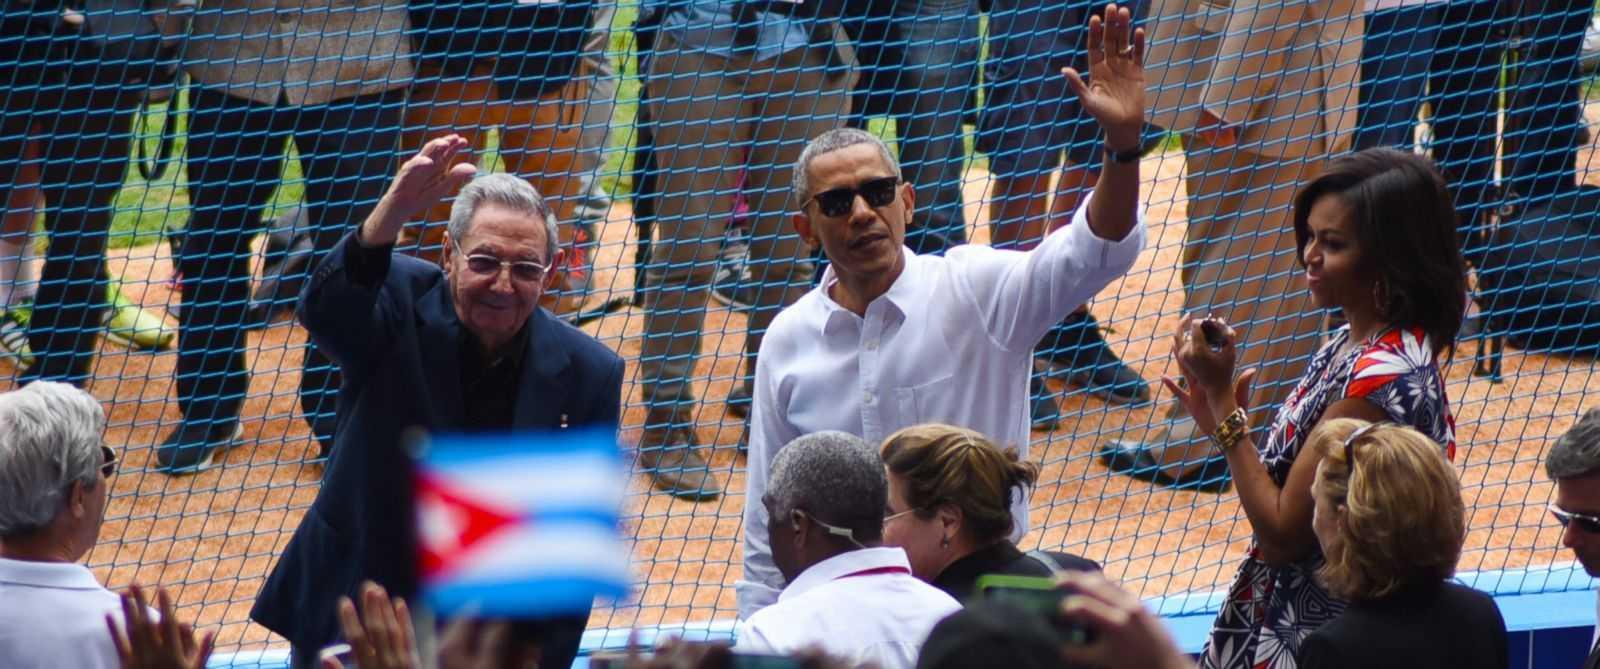 Tổng thống Mỹ và nhà lãnh đạo Cuba xem bóng chày